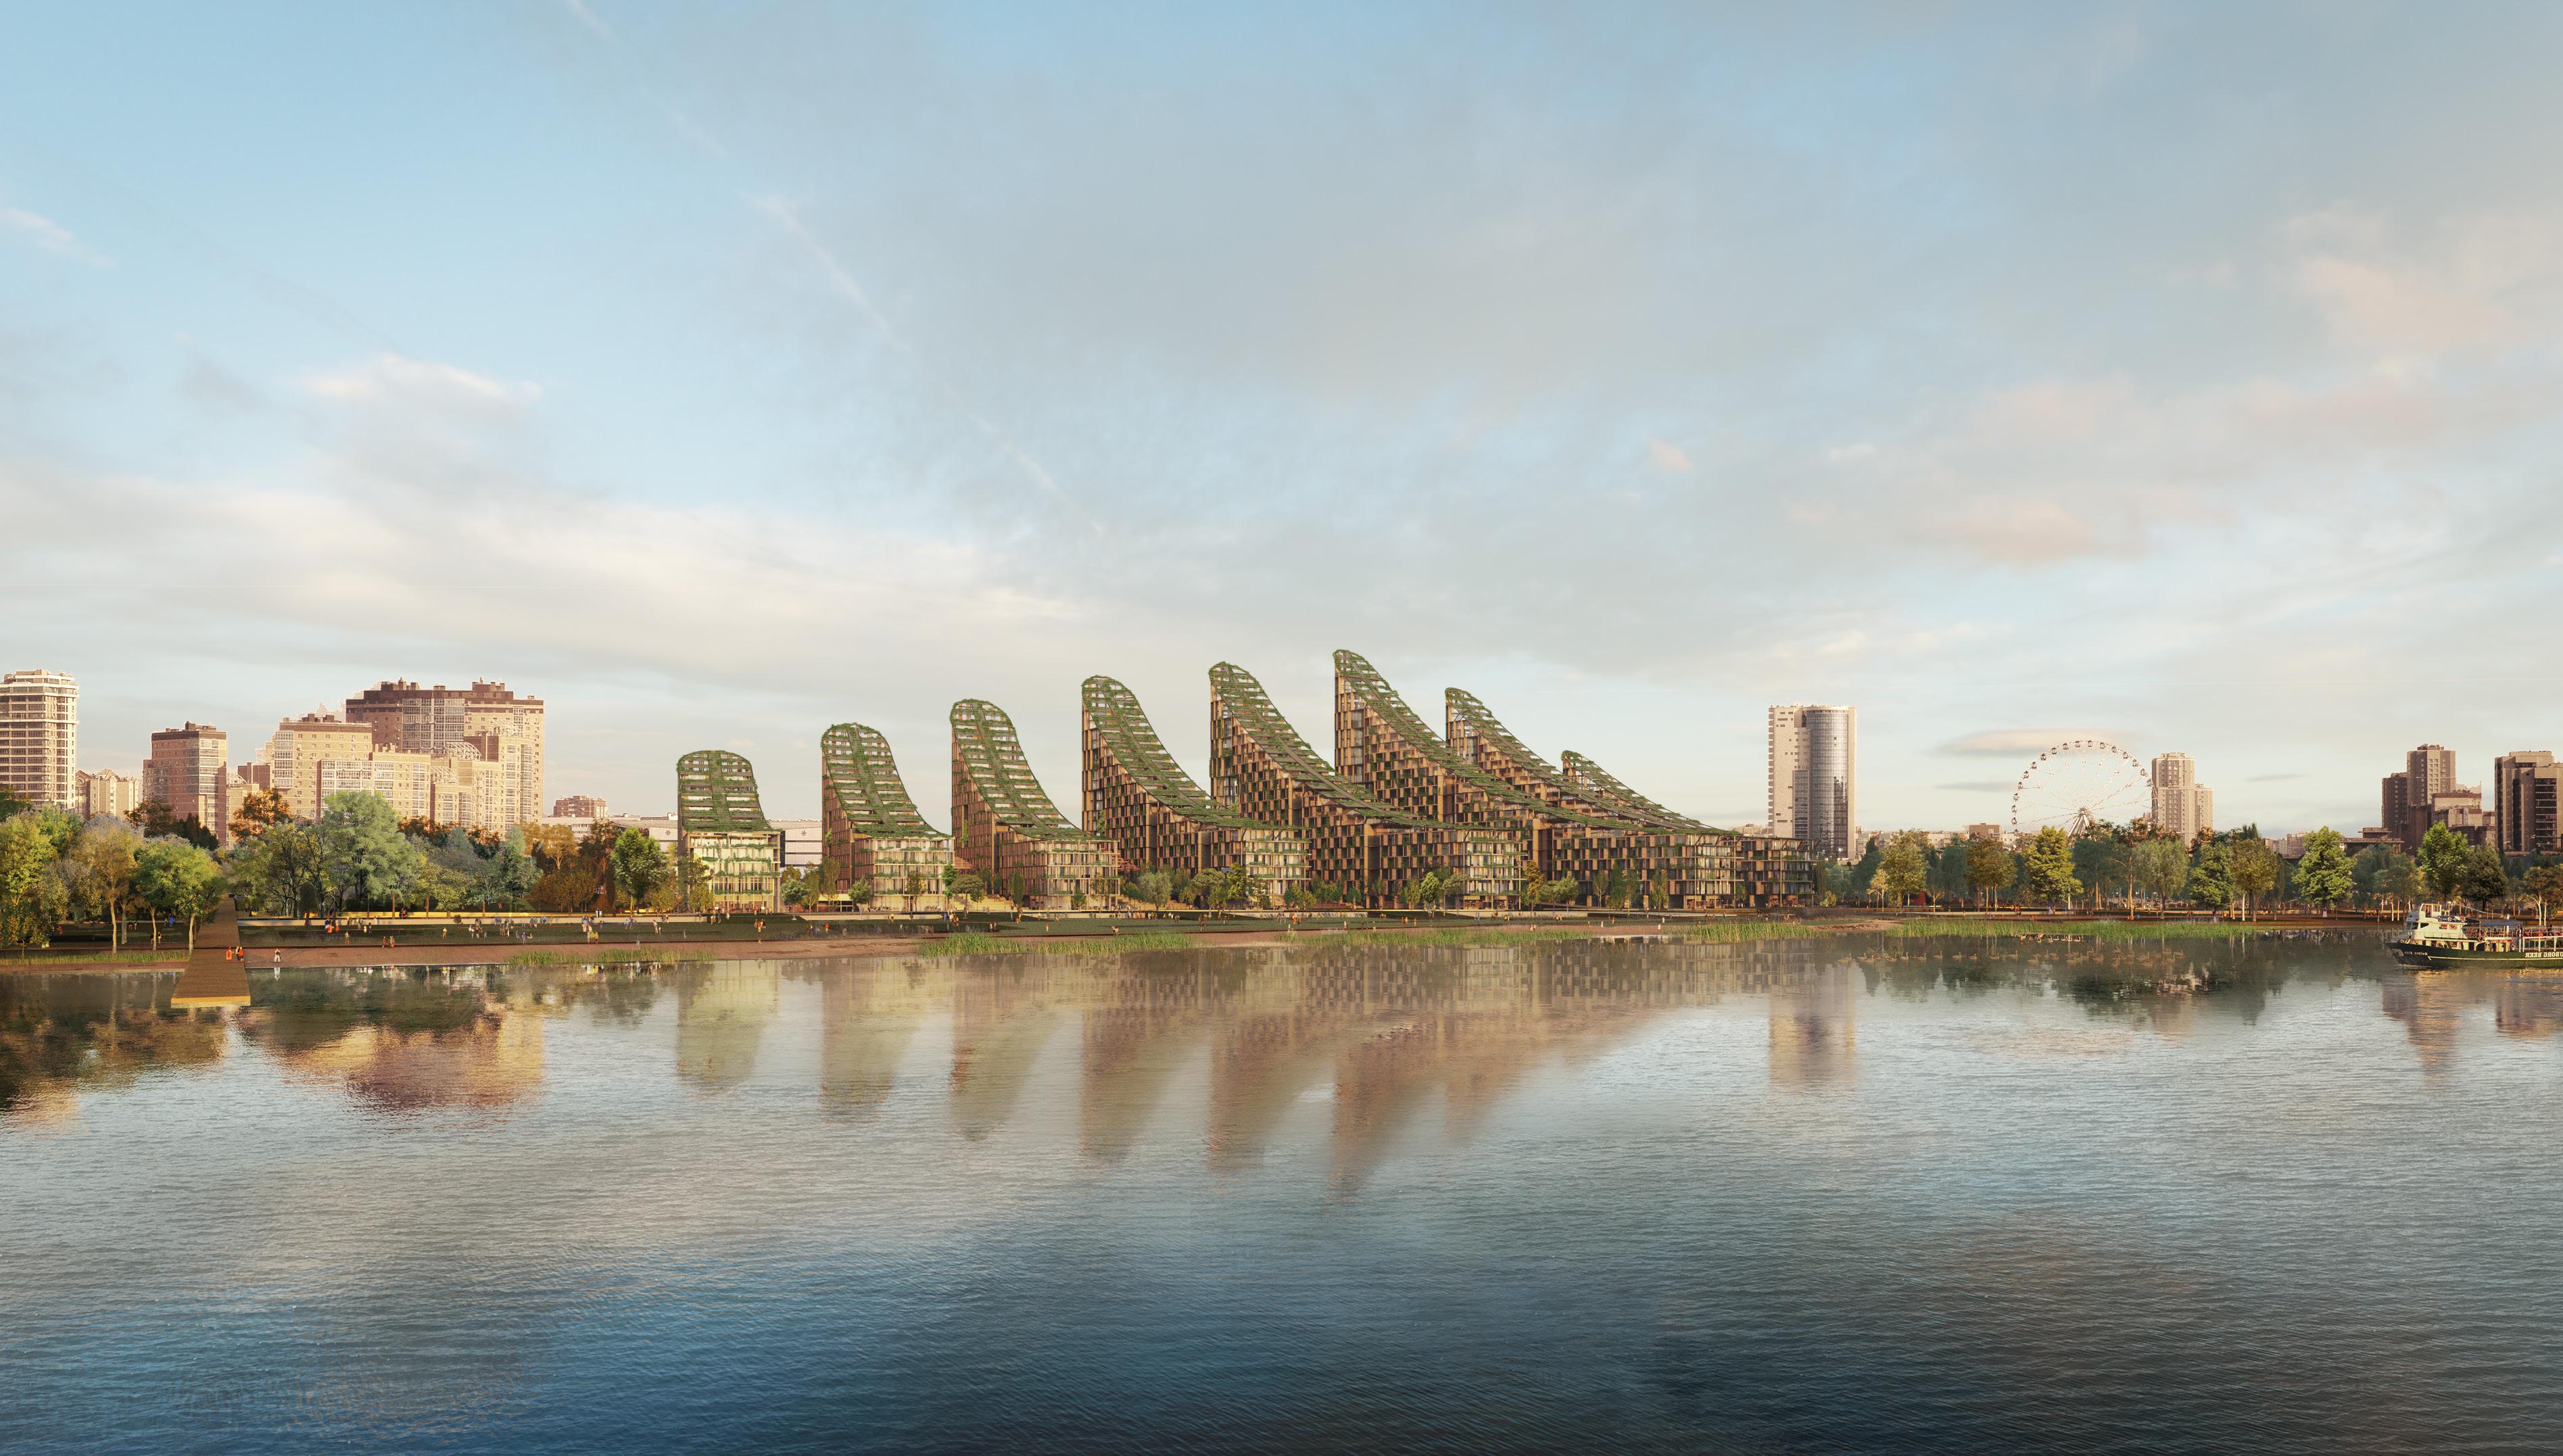 Архитектурная и дизайнерская студия Borgos Pieper (Испания—Англия) Авторский коллектив в составе: Etienne Borgos, Nadine Pieper